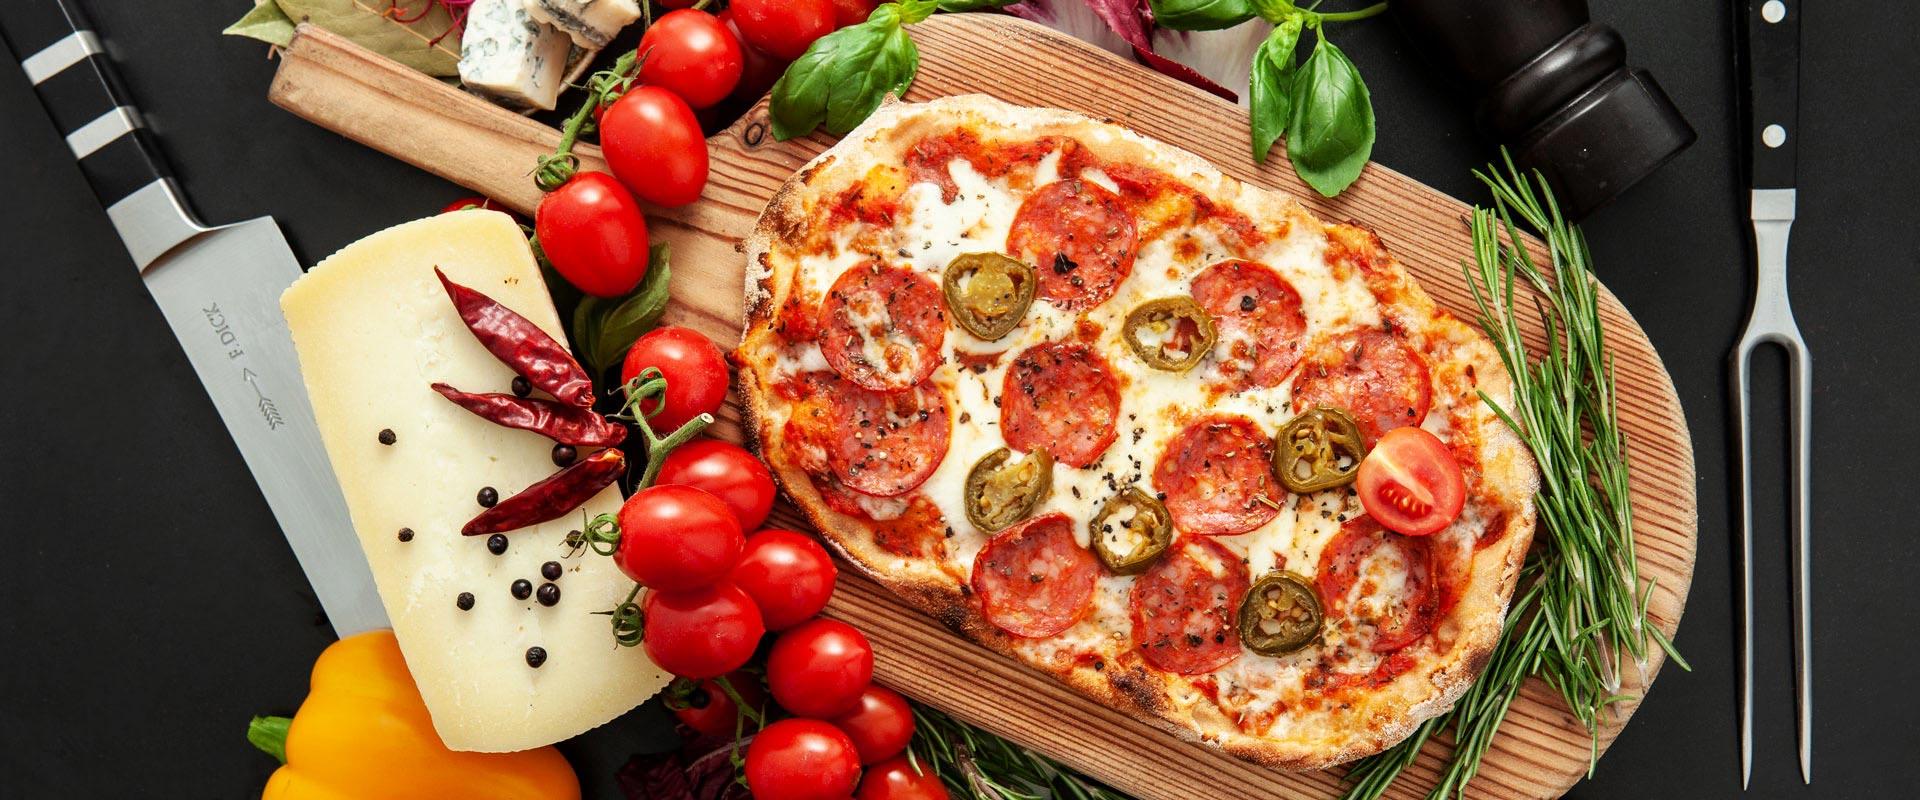 Pinsa eine römische Pizza mit scharfer Salami und Jalapeno